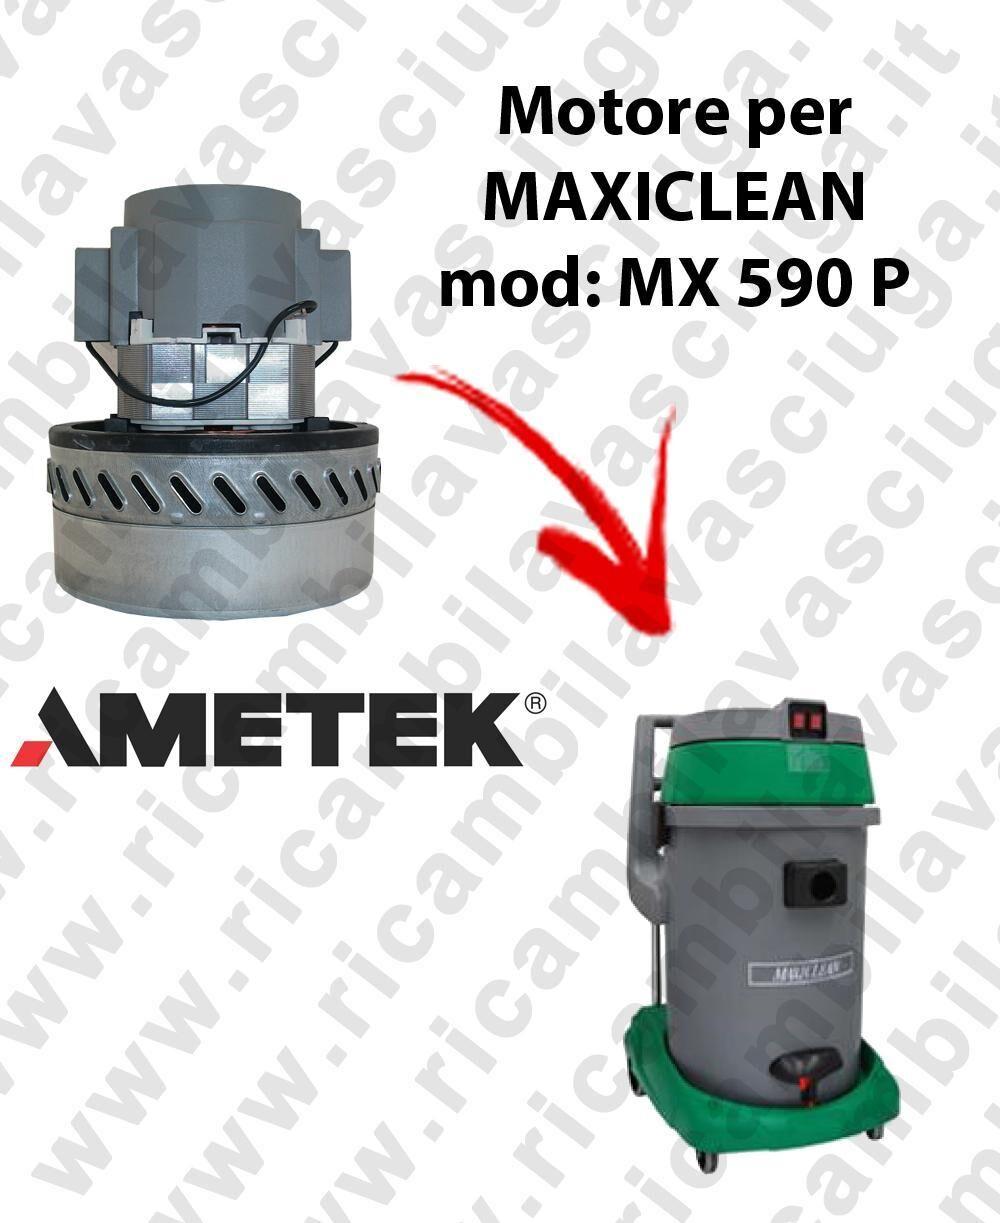 MAXICLEAN MX 590 P MOTORE AMETEK di aspirazione per aspirapolvere e aspiraliquidi